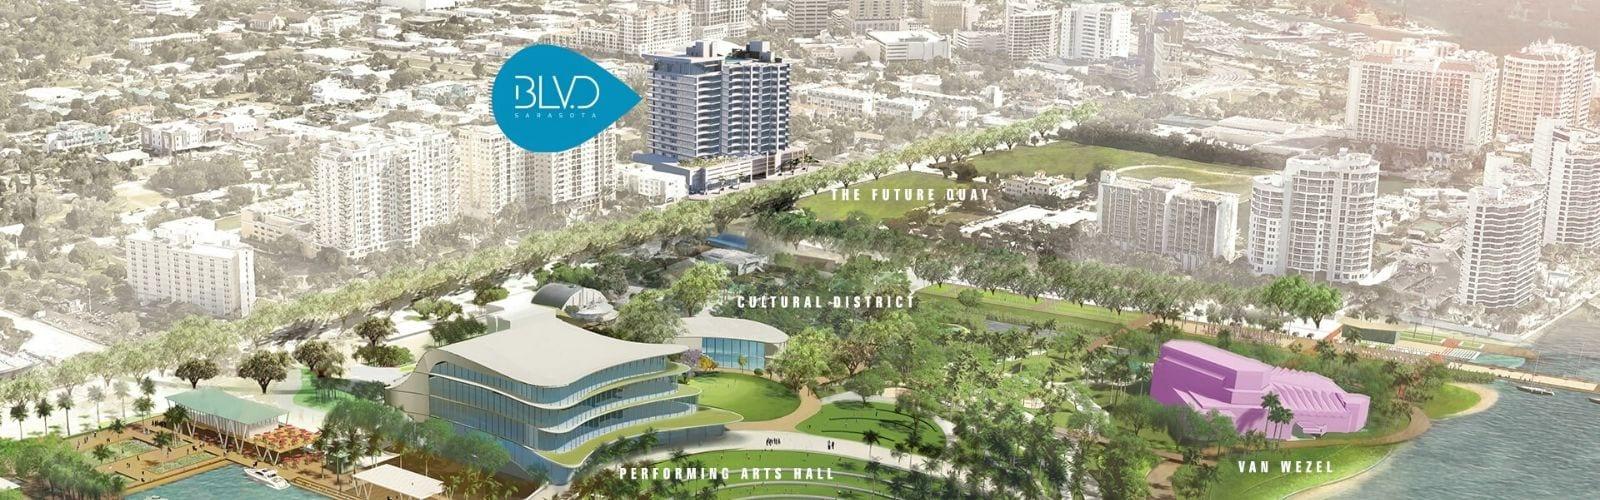 Map of Downtown Sarasota, highlighting BLVD Sarasota